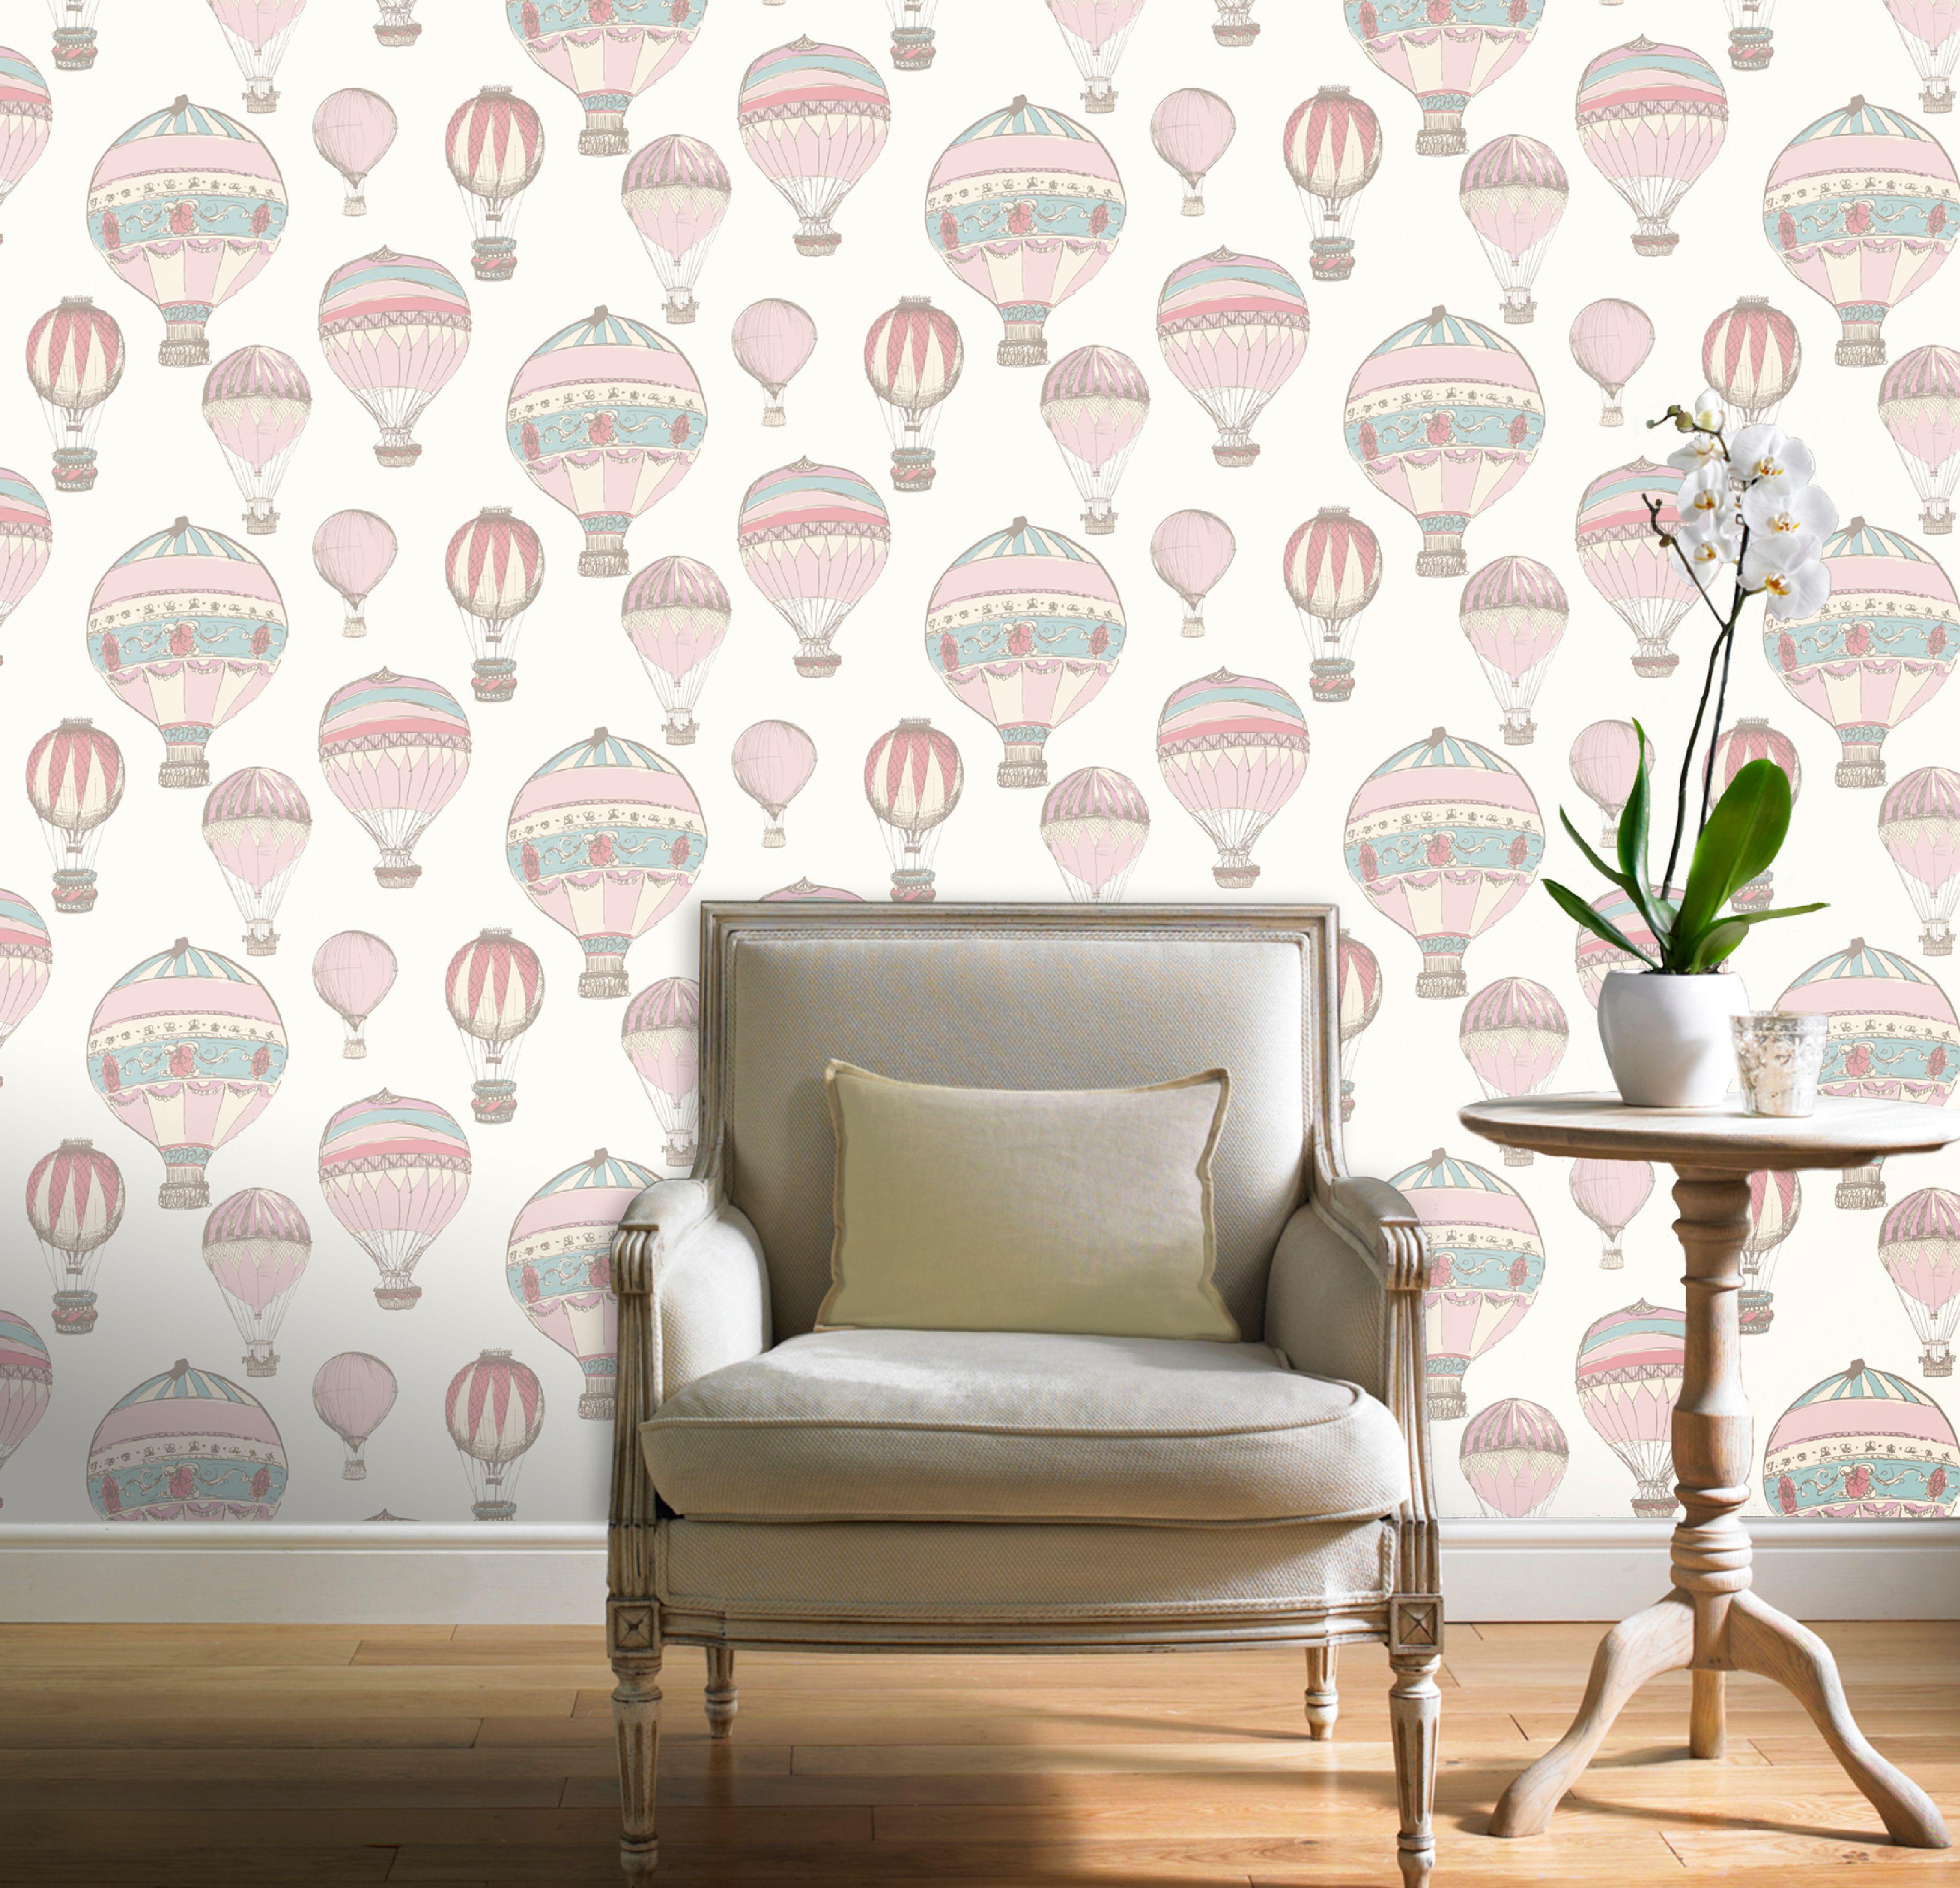 Papier Peindre 4 Murs Idees